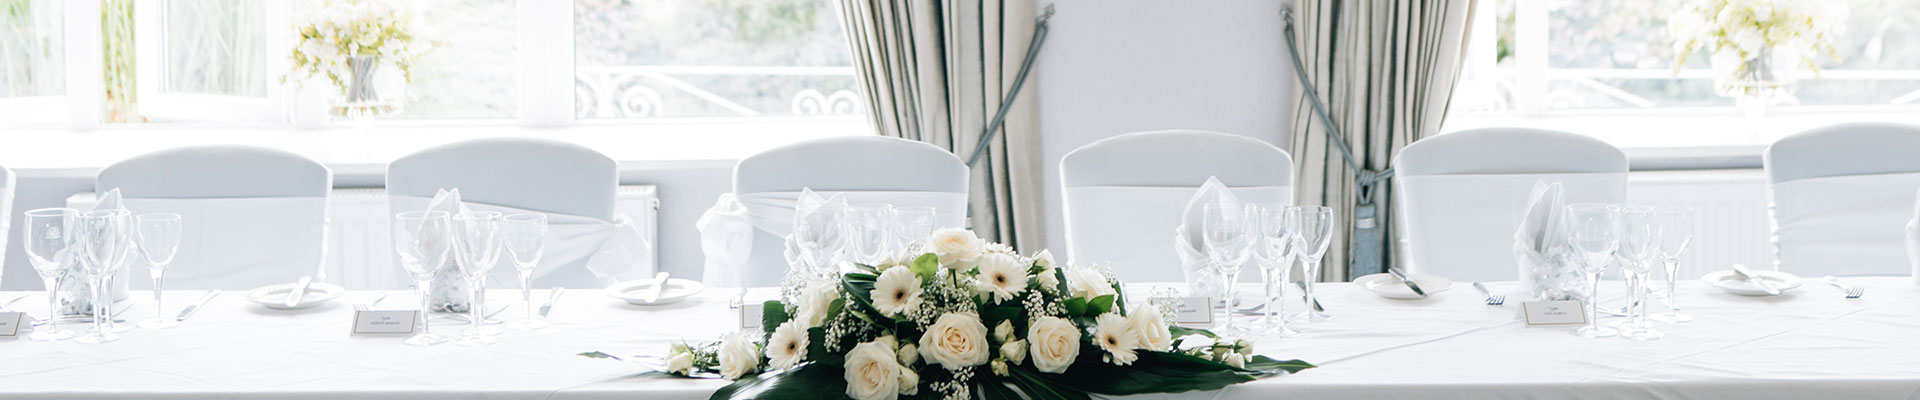 Weddings banner Image